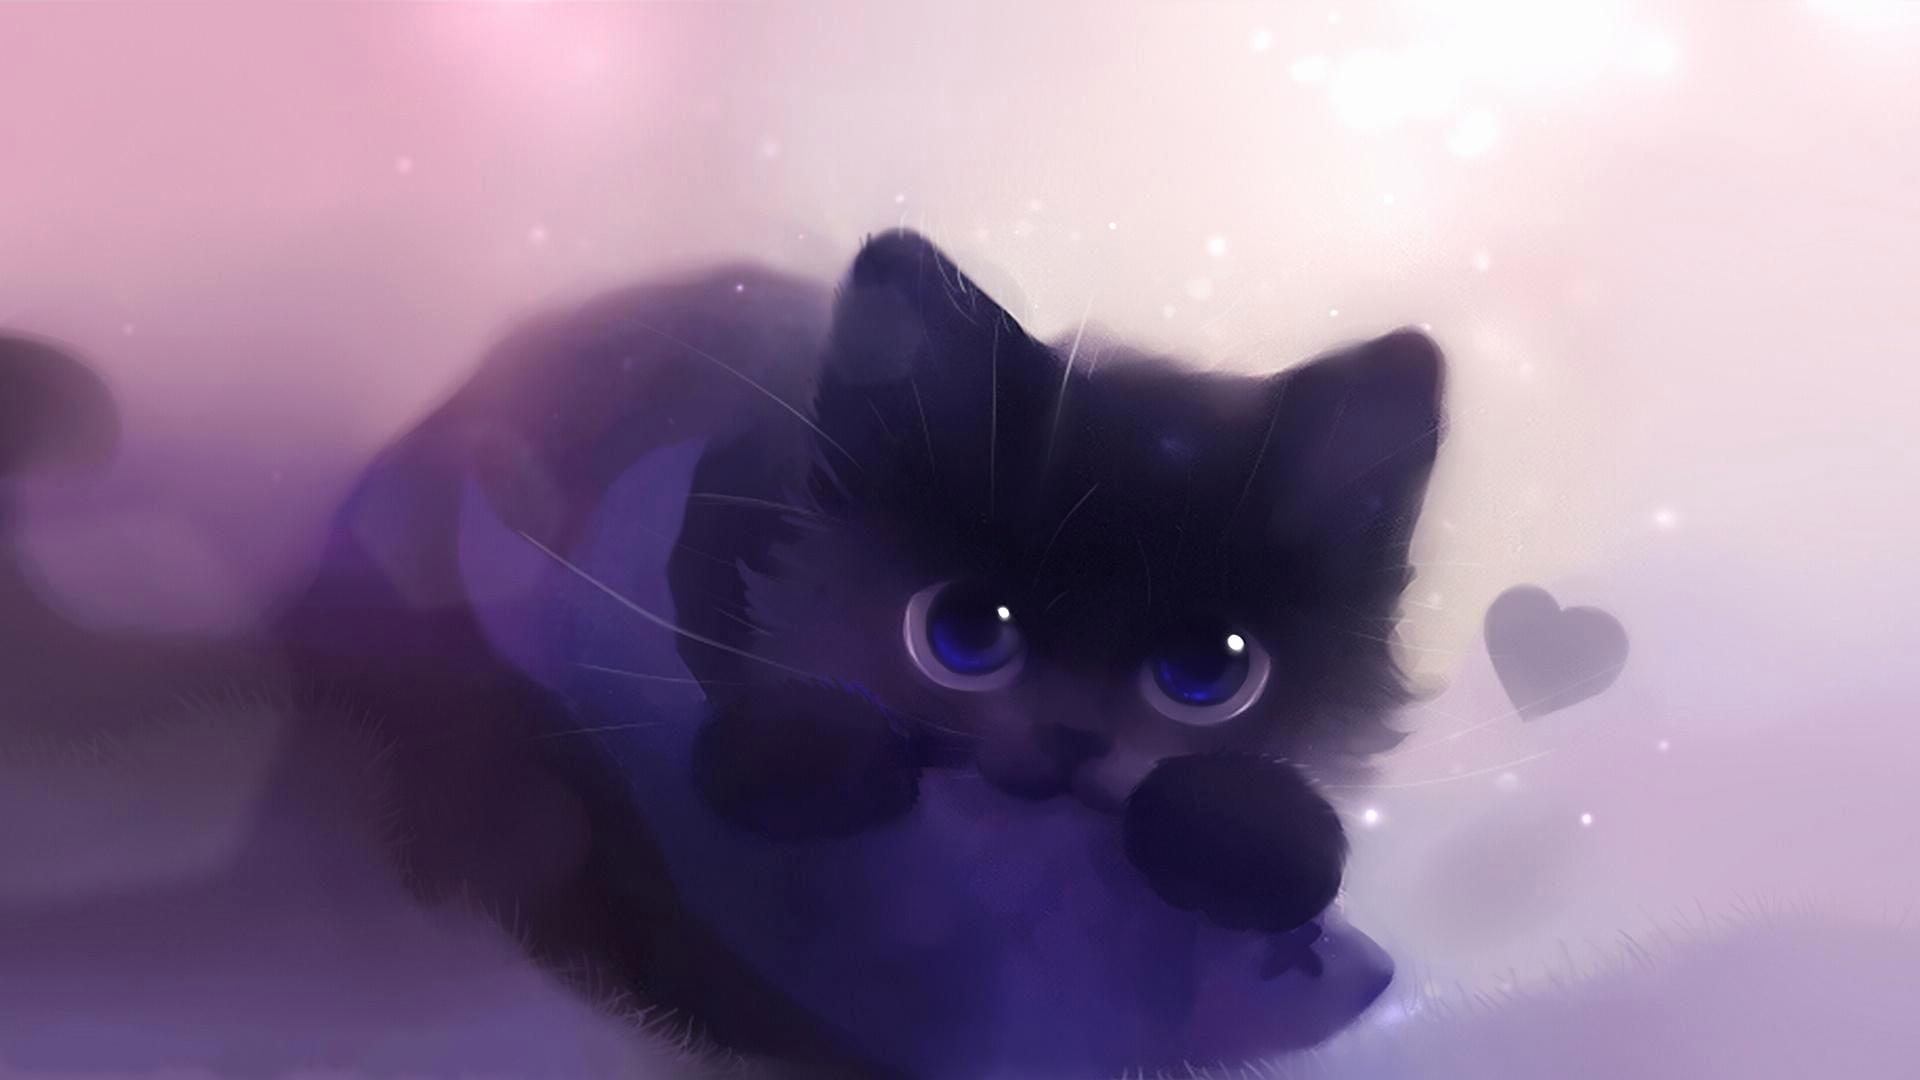 cat-art-wallpaper-Unique-Digital-Cat-Art-Black-cat-HD-Wallpapers-Desktop-Backgrounds-Cats-inspiratio.jpg